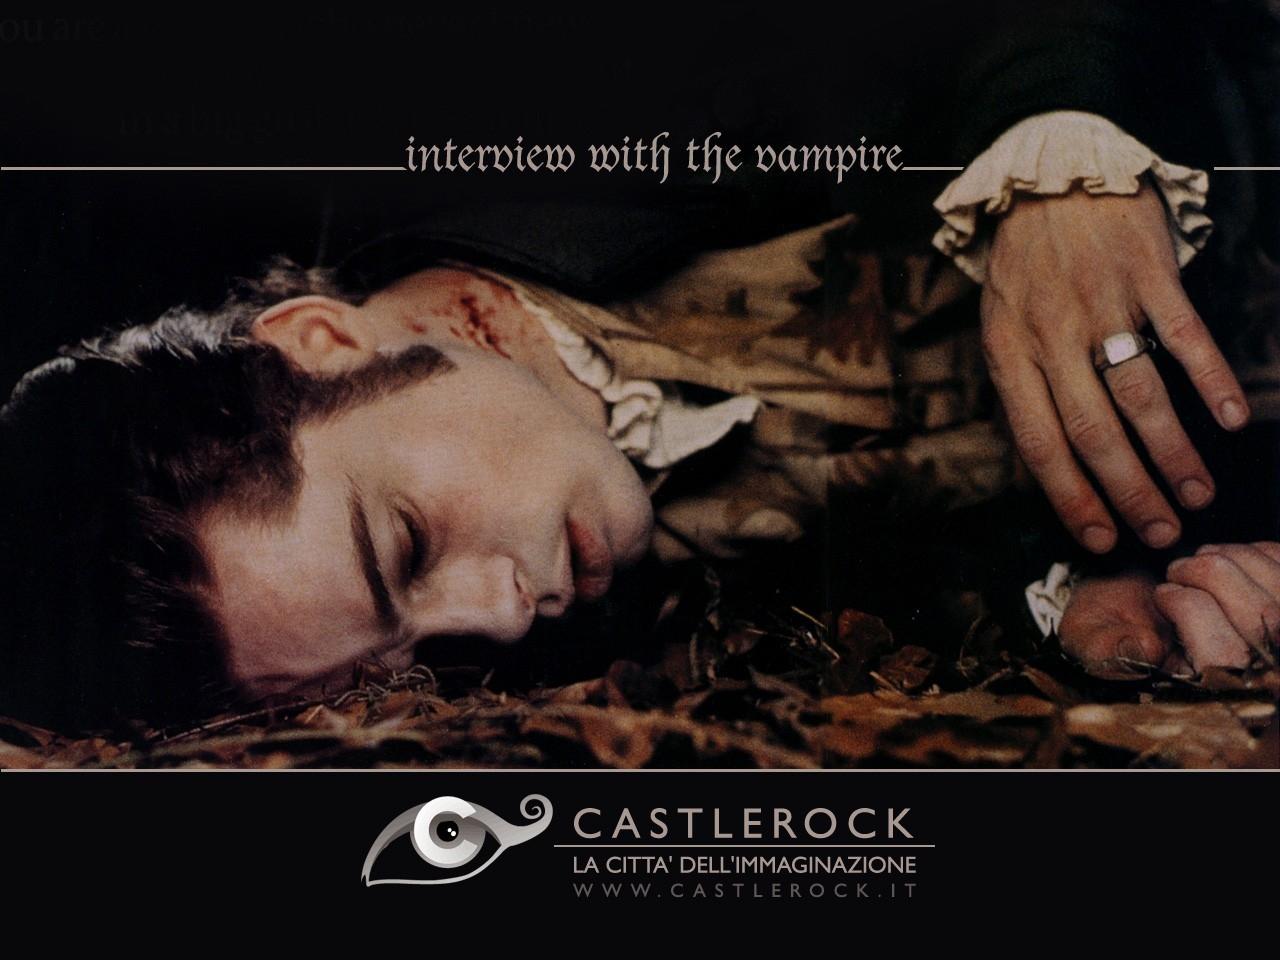 Wallpaper del film Intervista con il vampiro